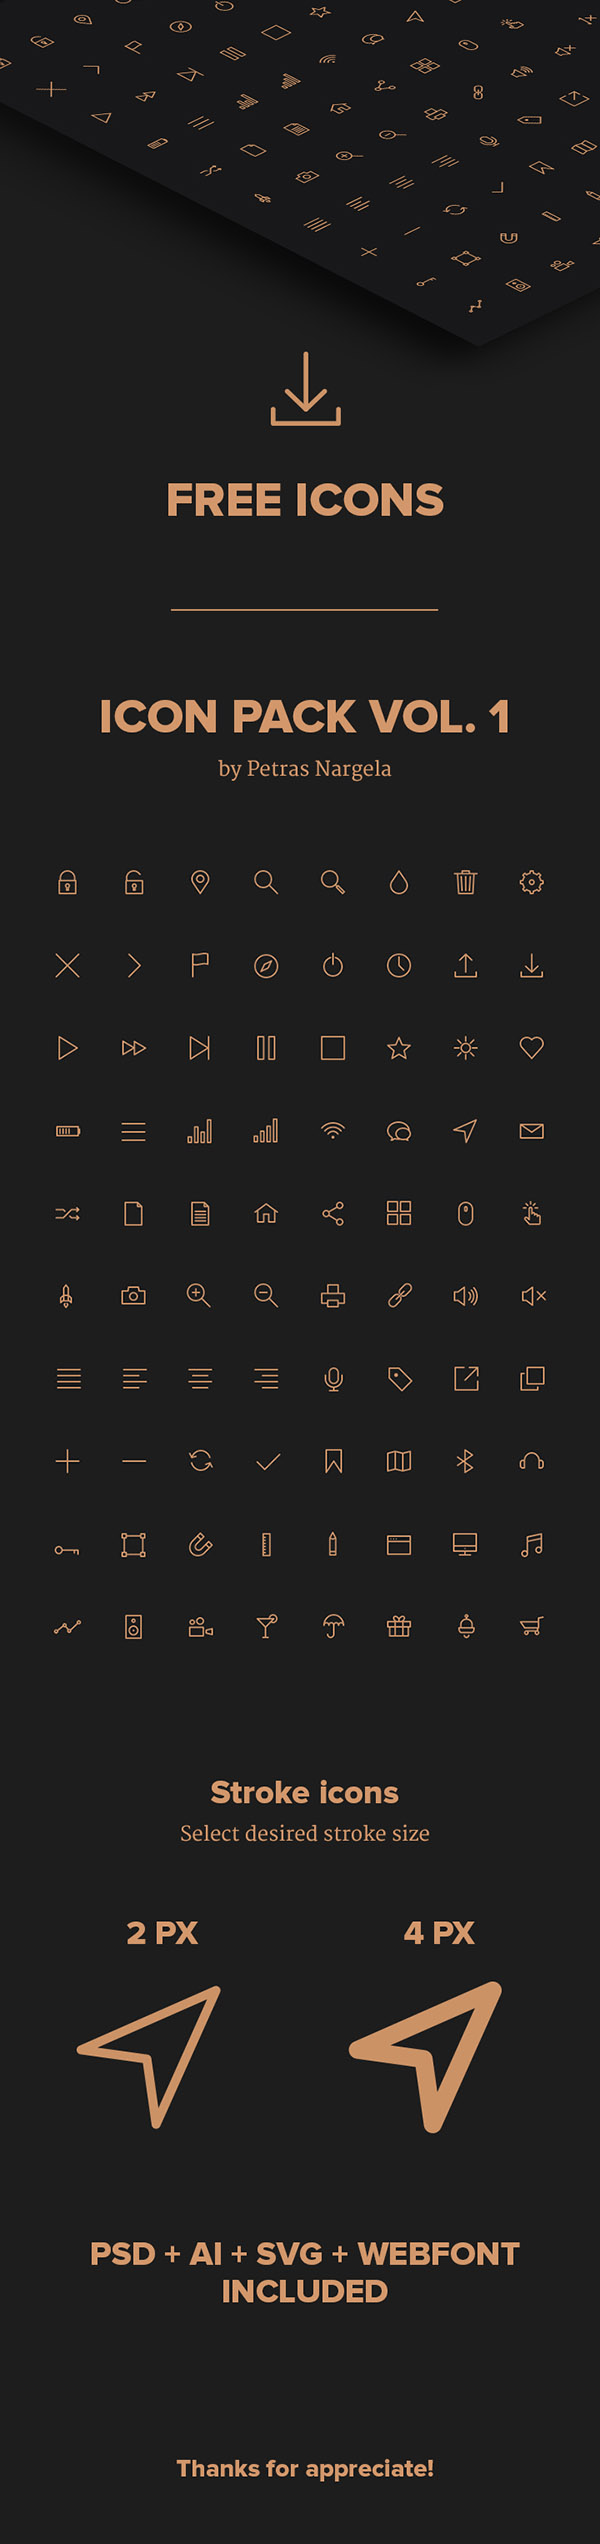 Crispy Icons